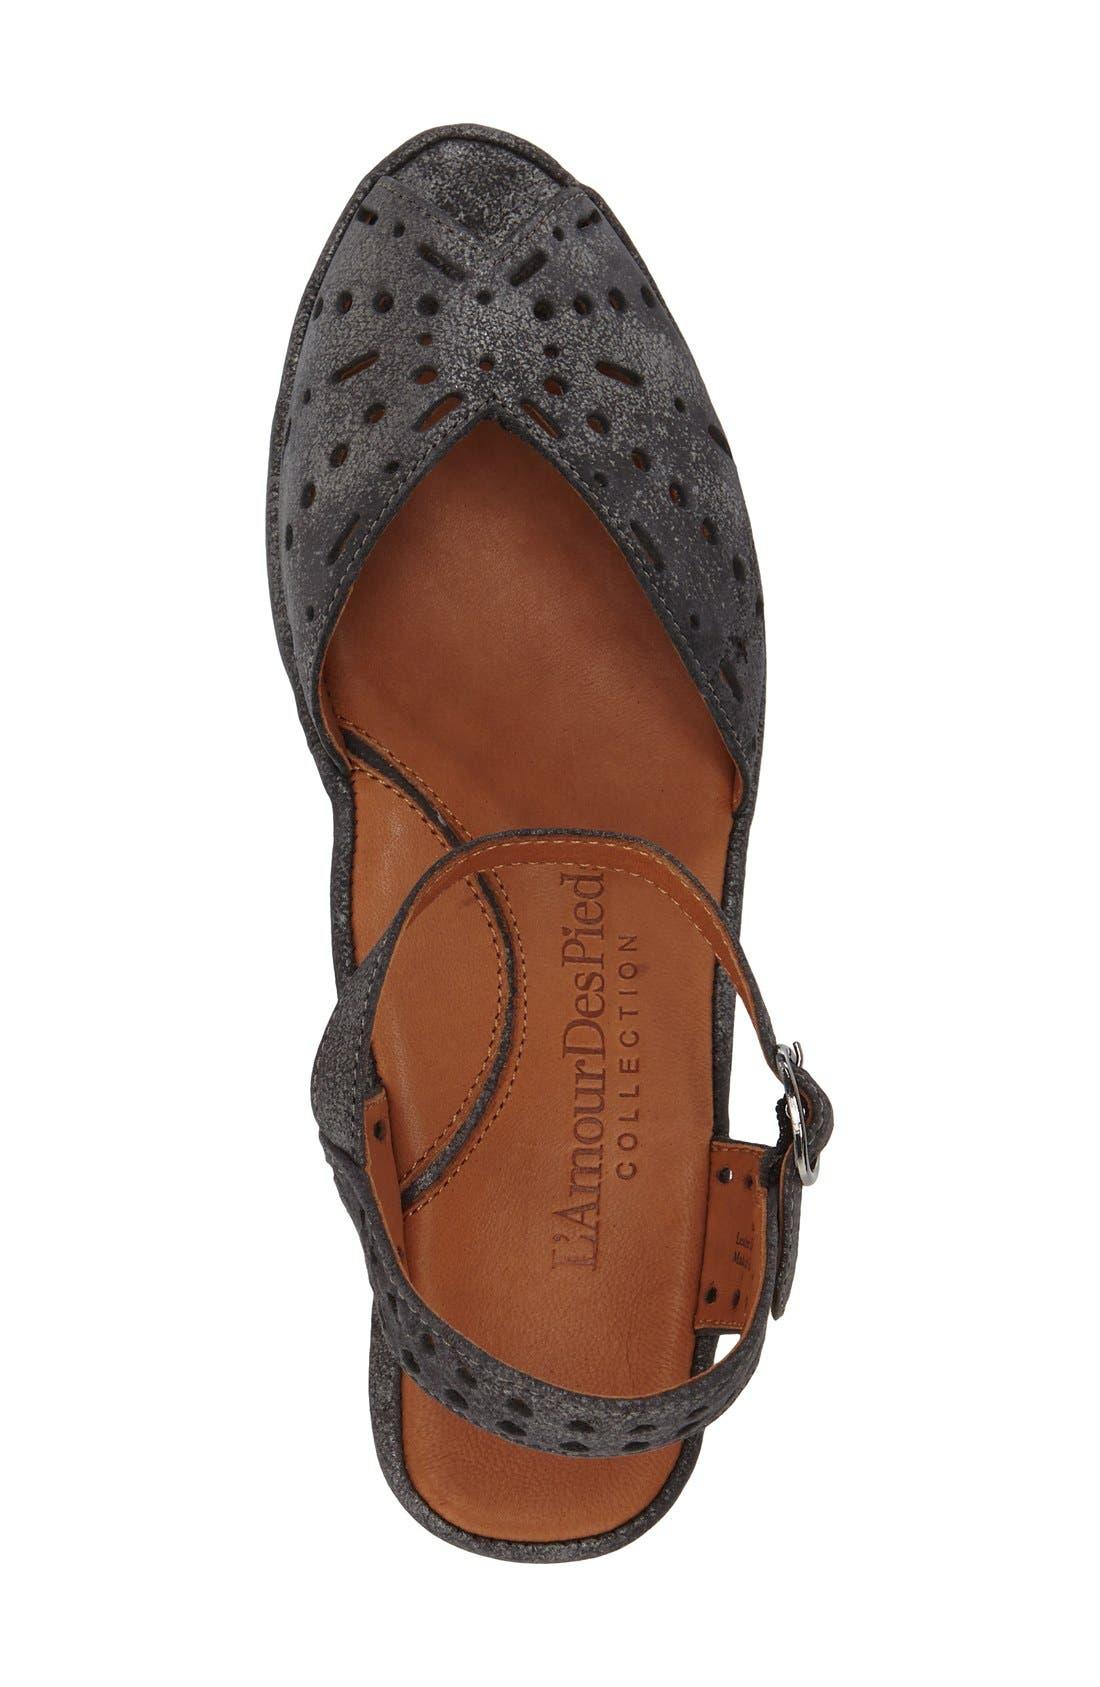 'Brenn' Ankle Strap Sandal,                             Alternate thumbnail 3, color,                             Graphite Leather